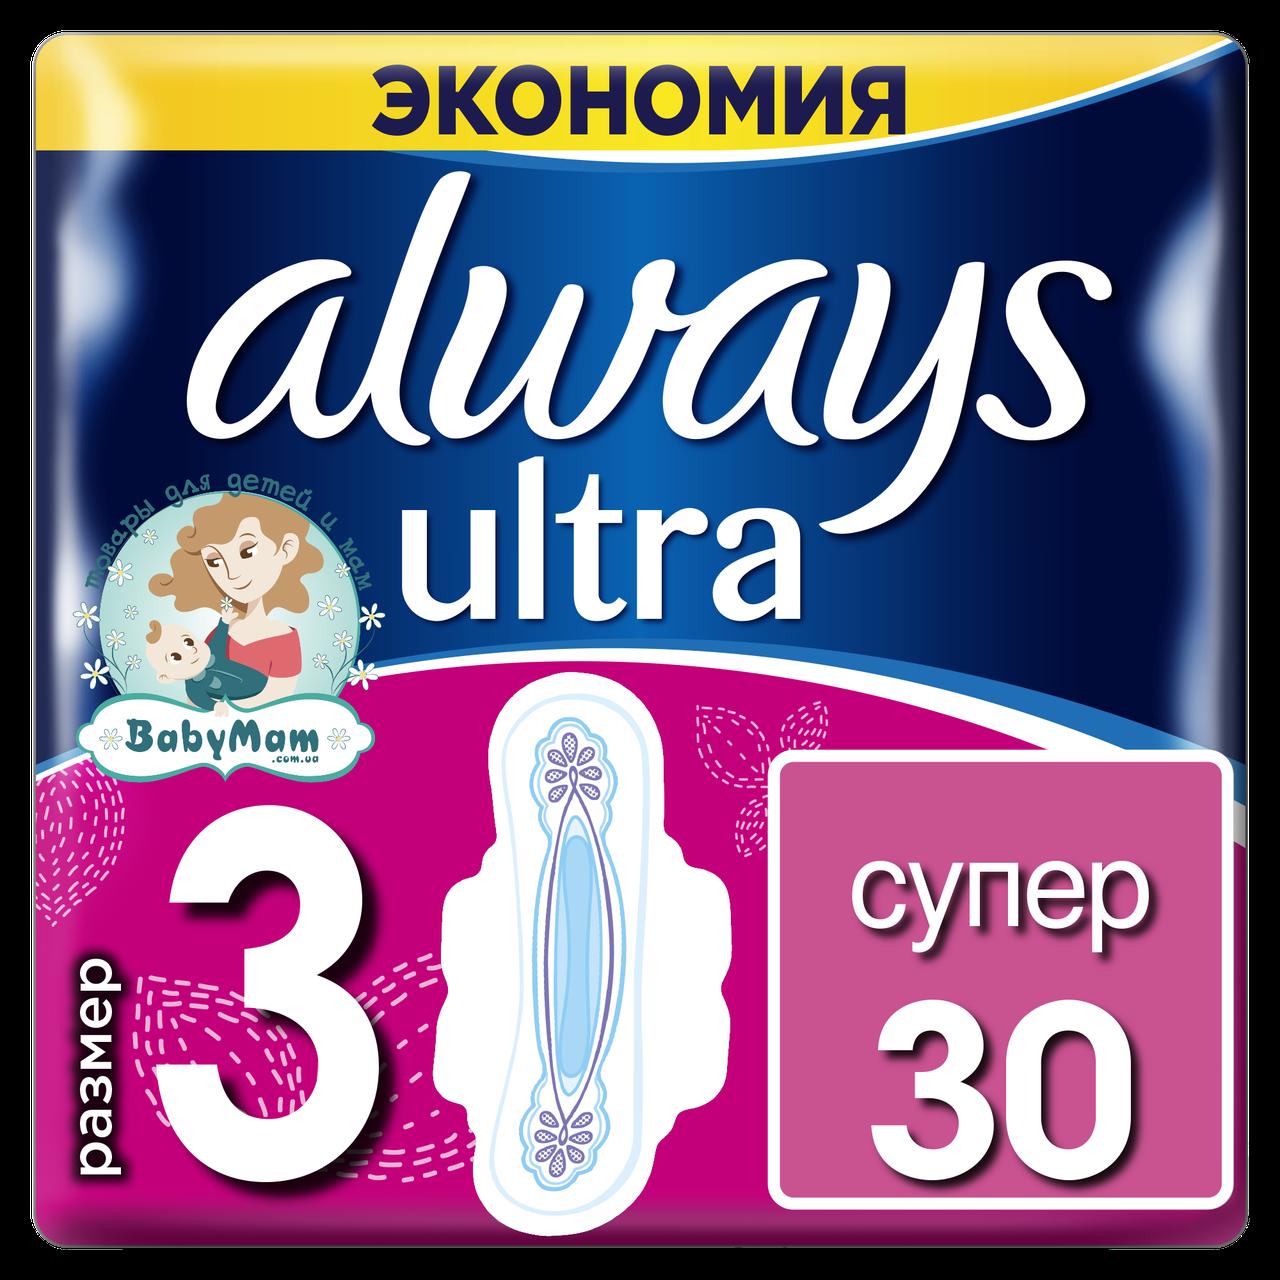 Гигиенические прокладки Always Ultra Super Plus (Размер 3), 30 шт